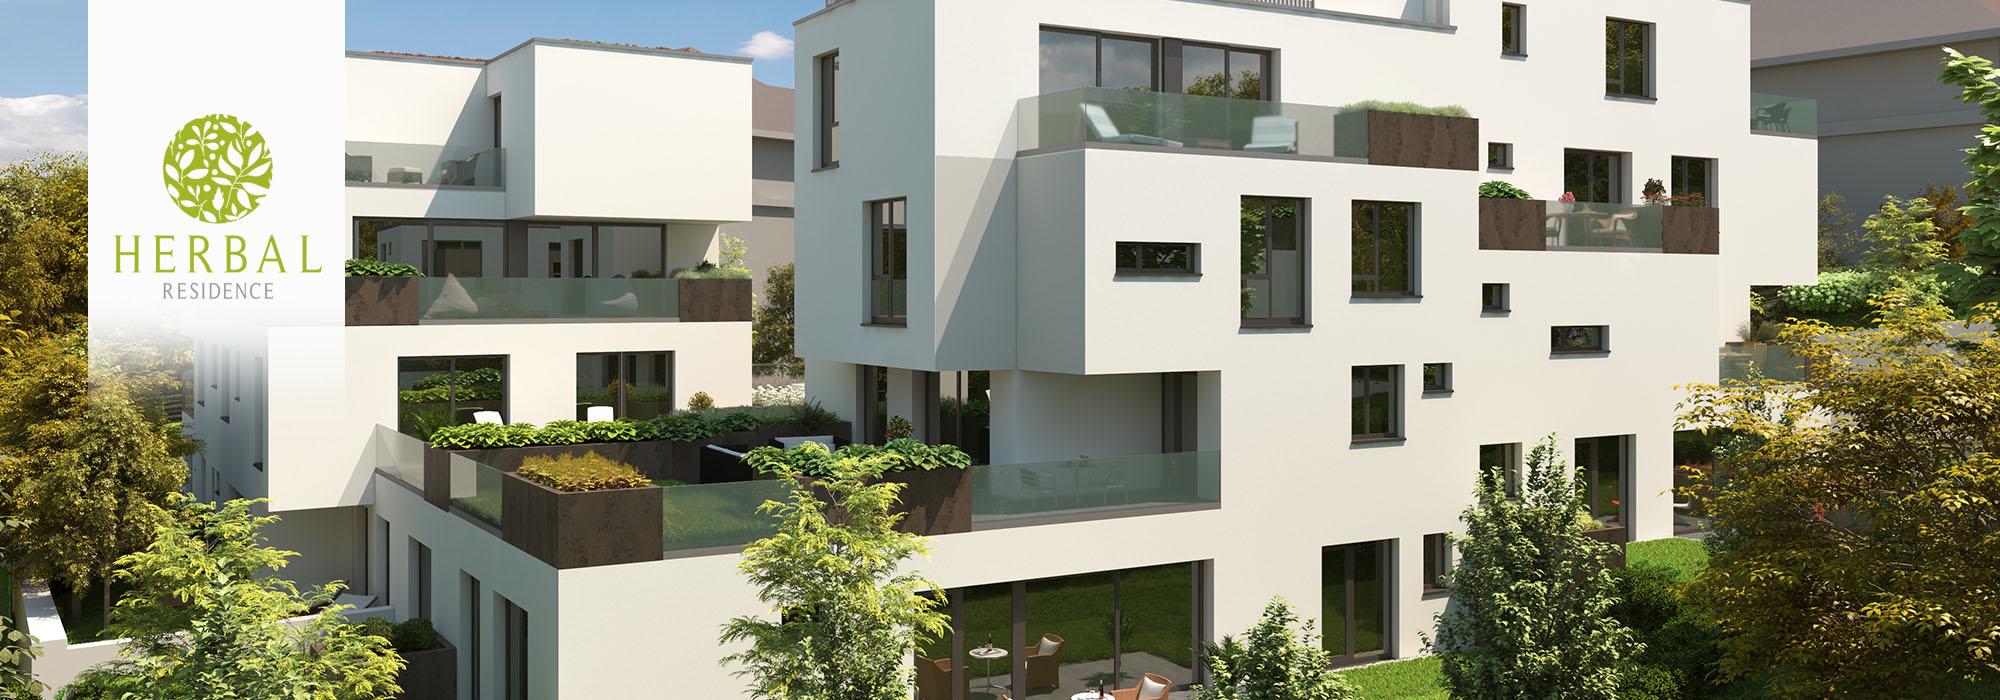 herbal-residence-2-utem-02